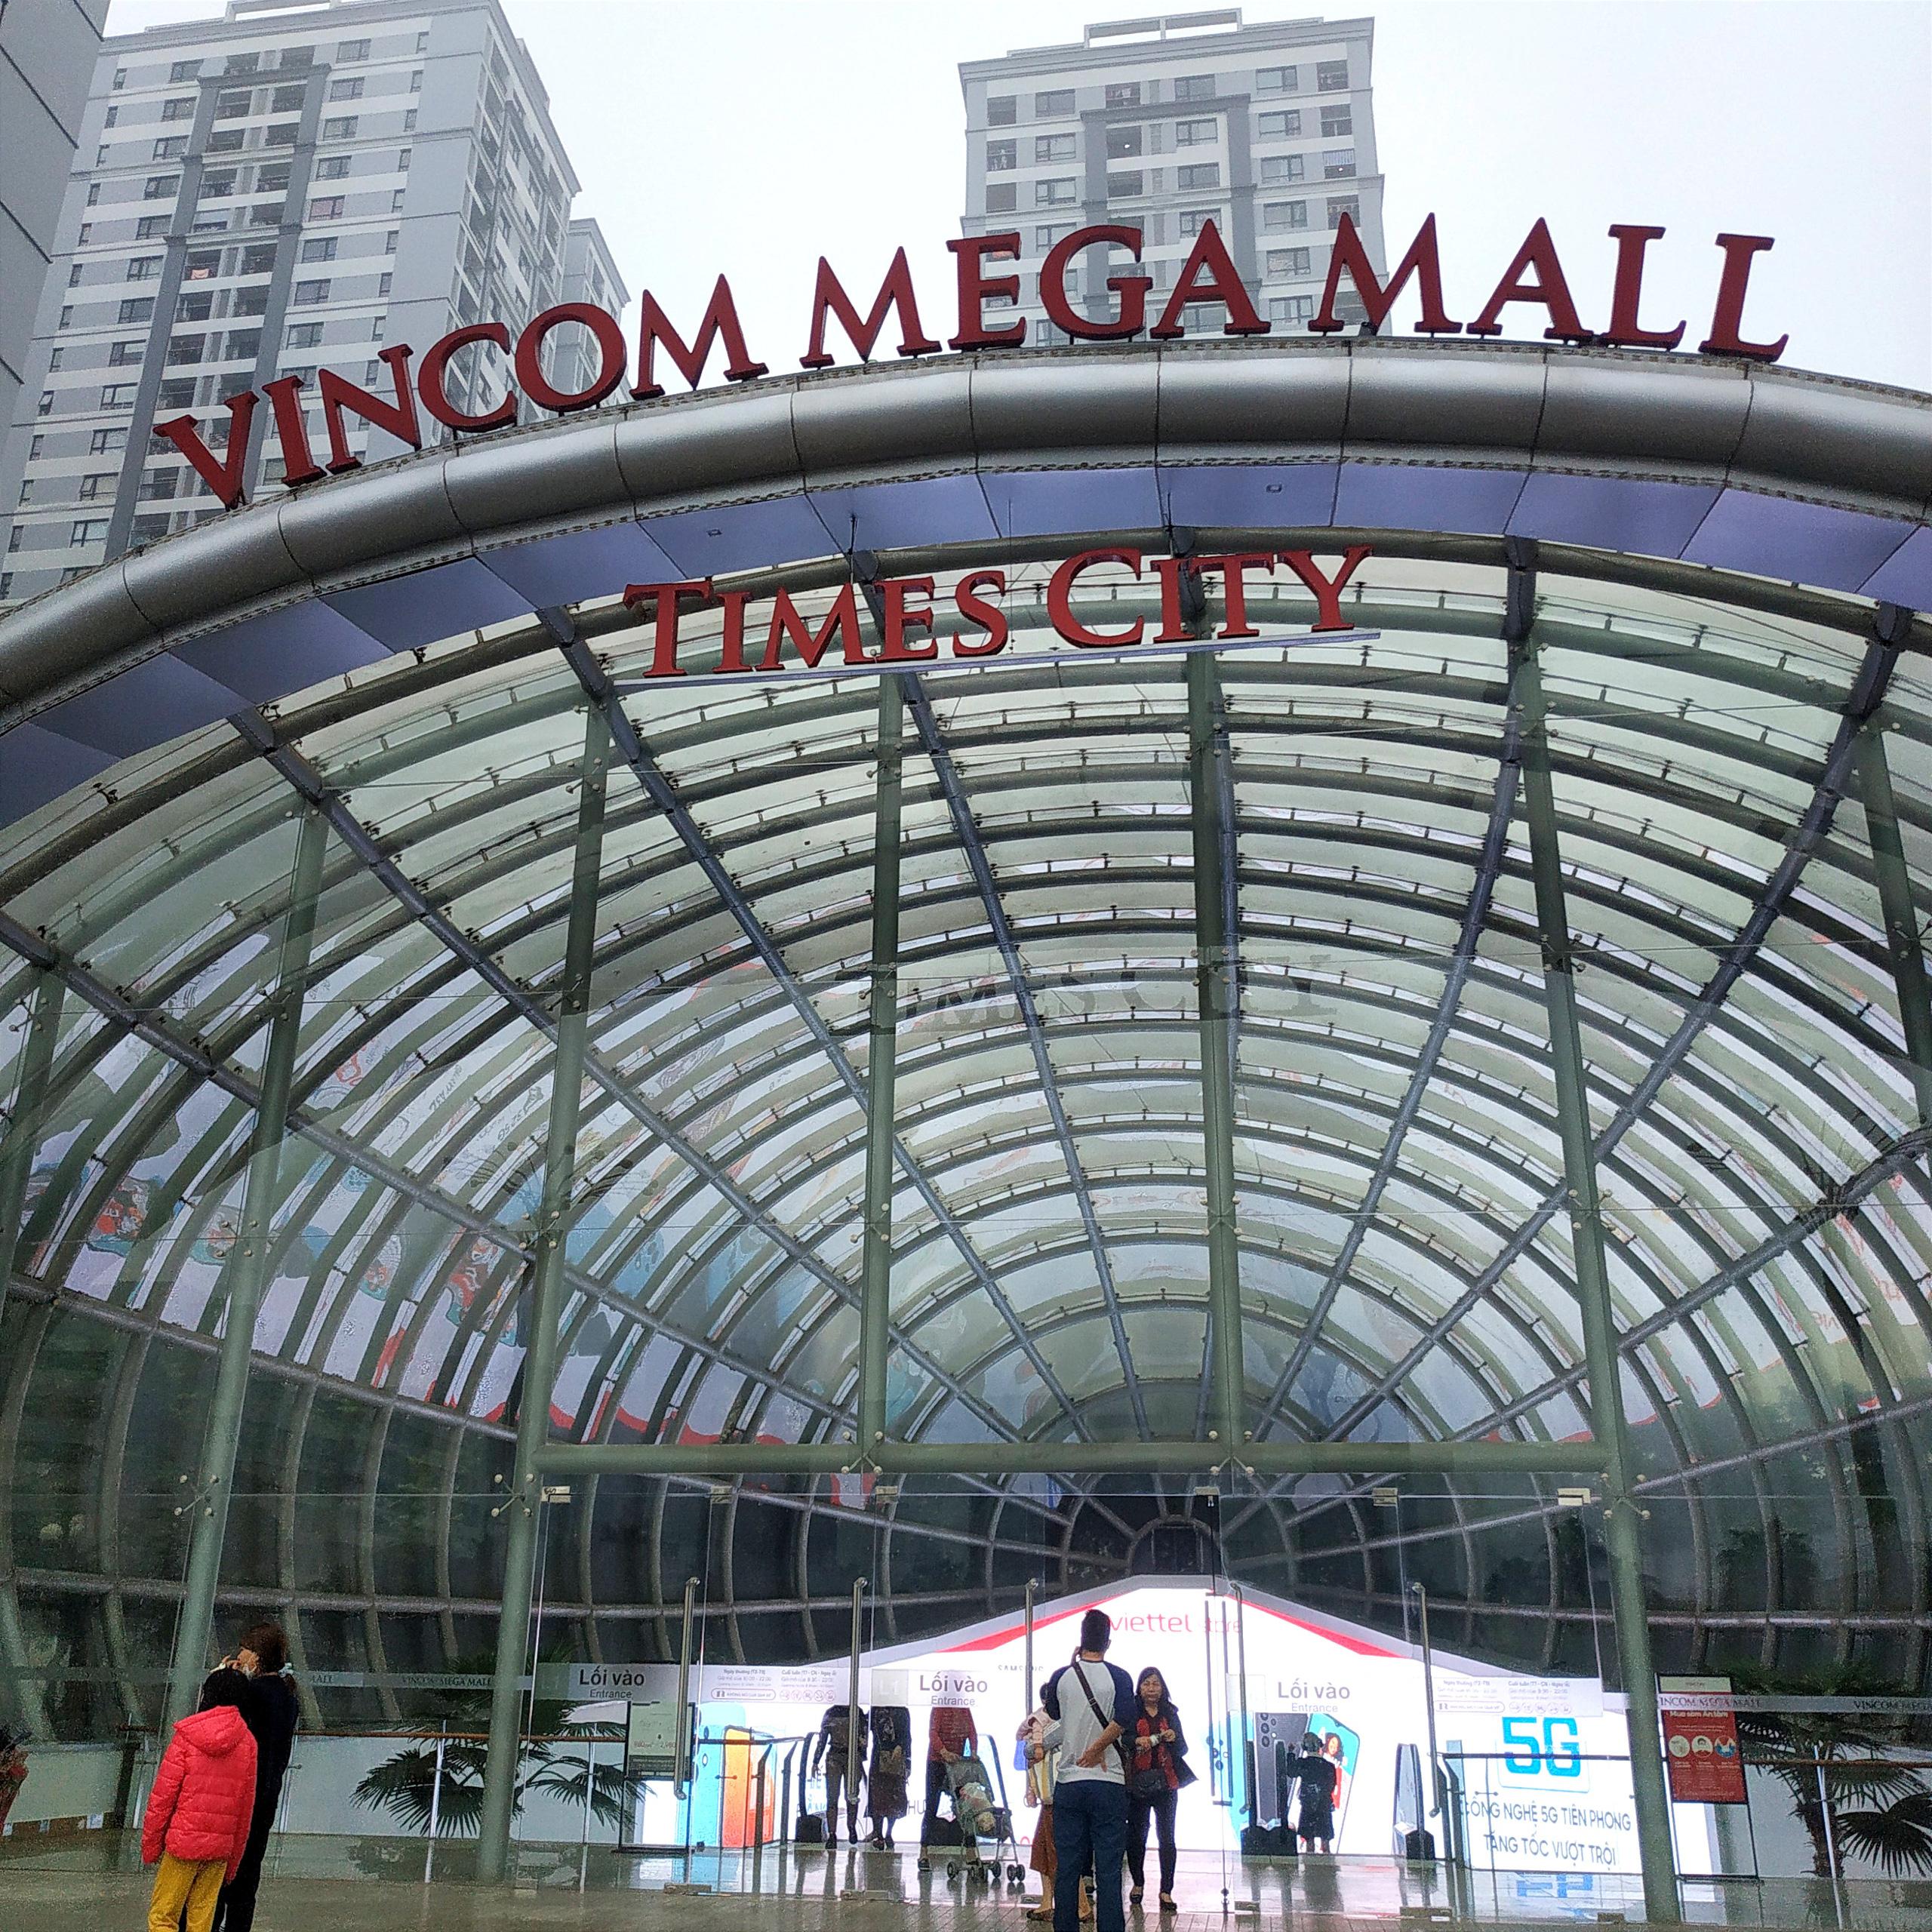 Vingroup phát hành nửa tỷ USD trái phiếu quốc tế, có quyền chọn nhận gần 94 triệu cổ phiếu Vinhomes - Ảnh 1.